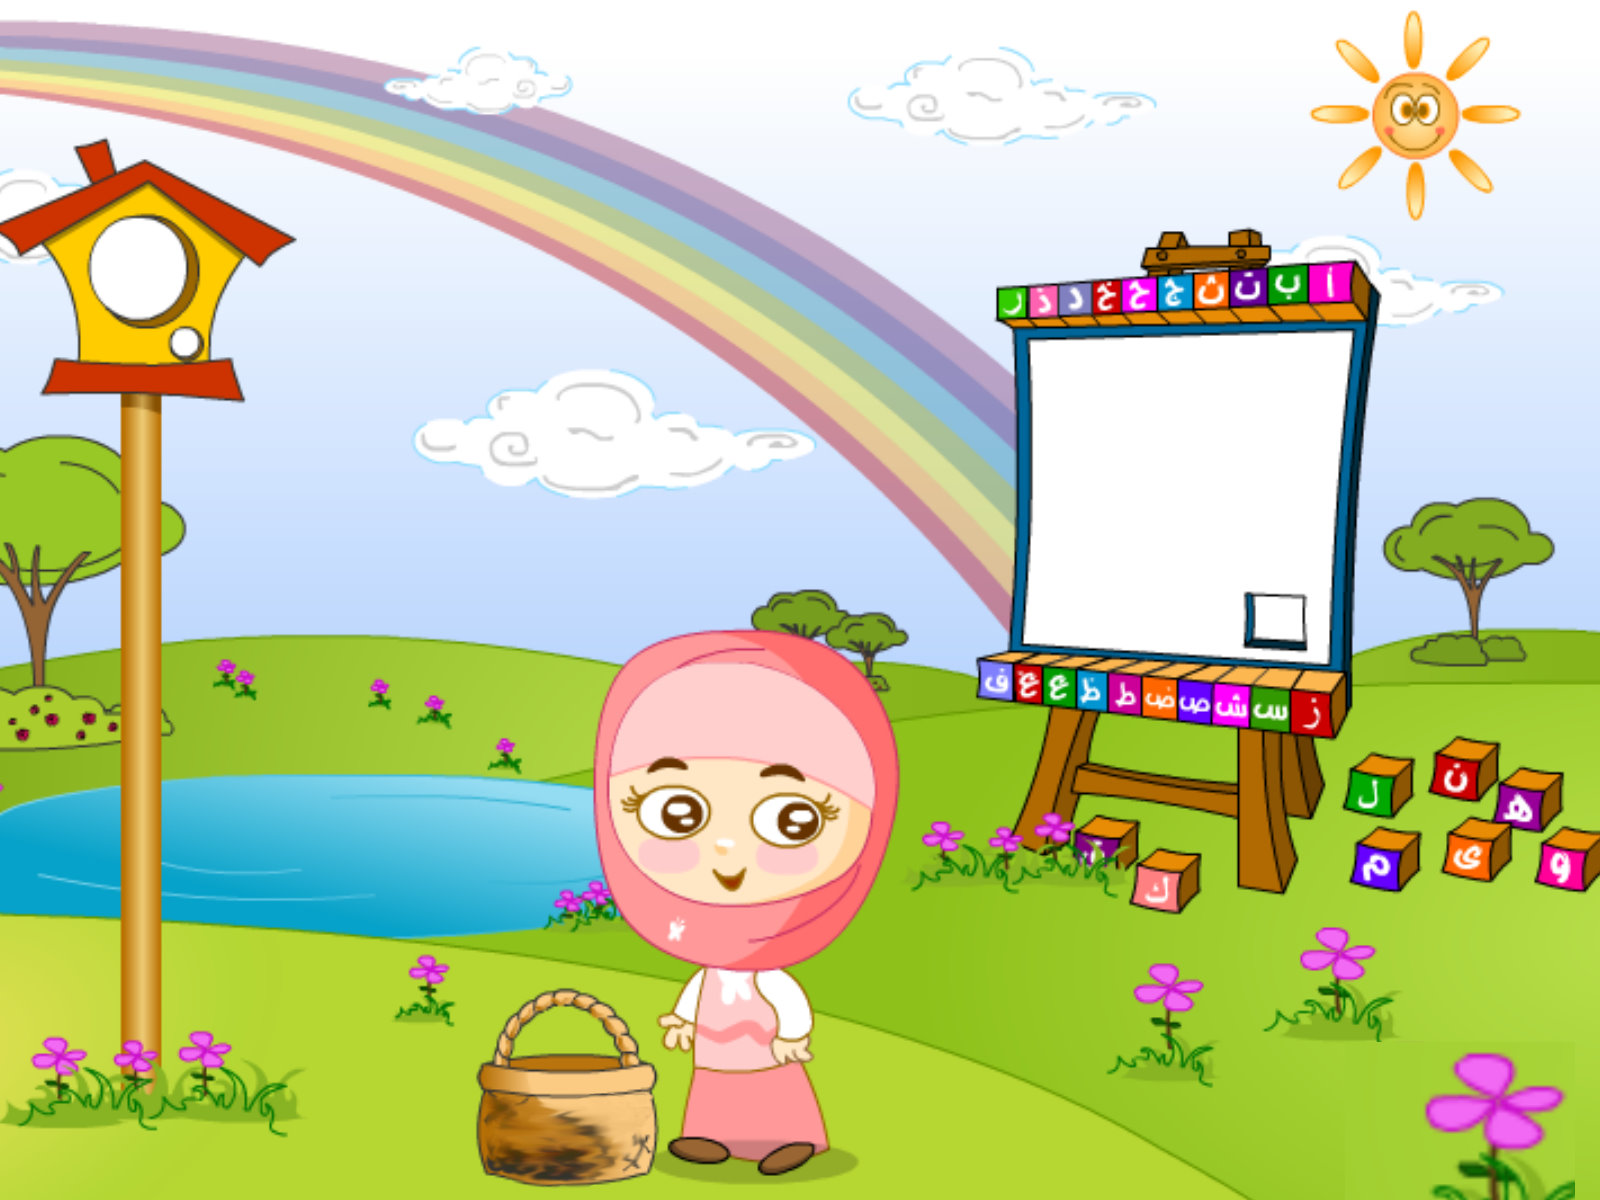 وسائل الحلقة وحدة احب لغتي رياض الاطفال